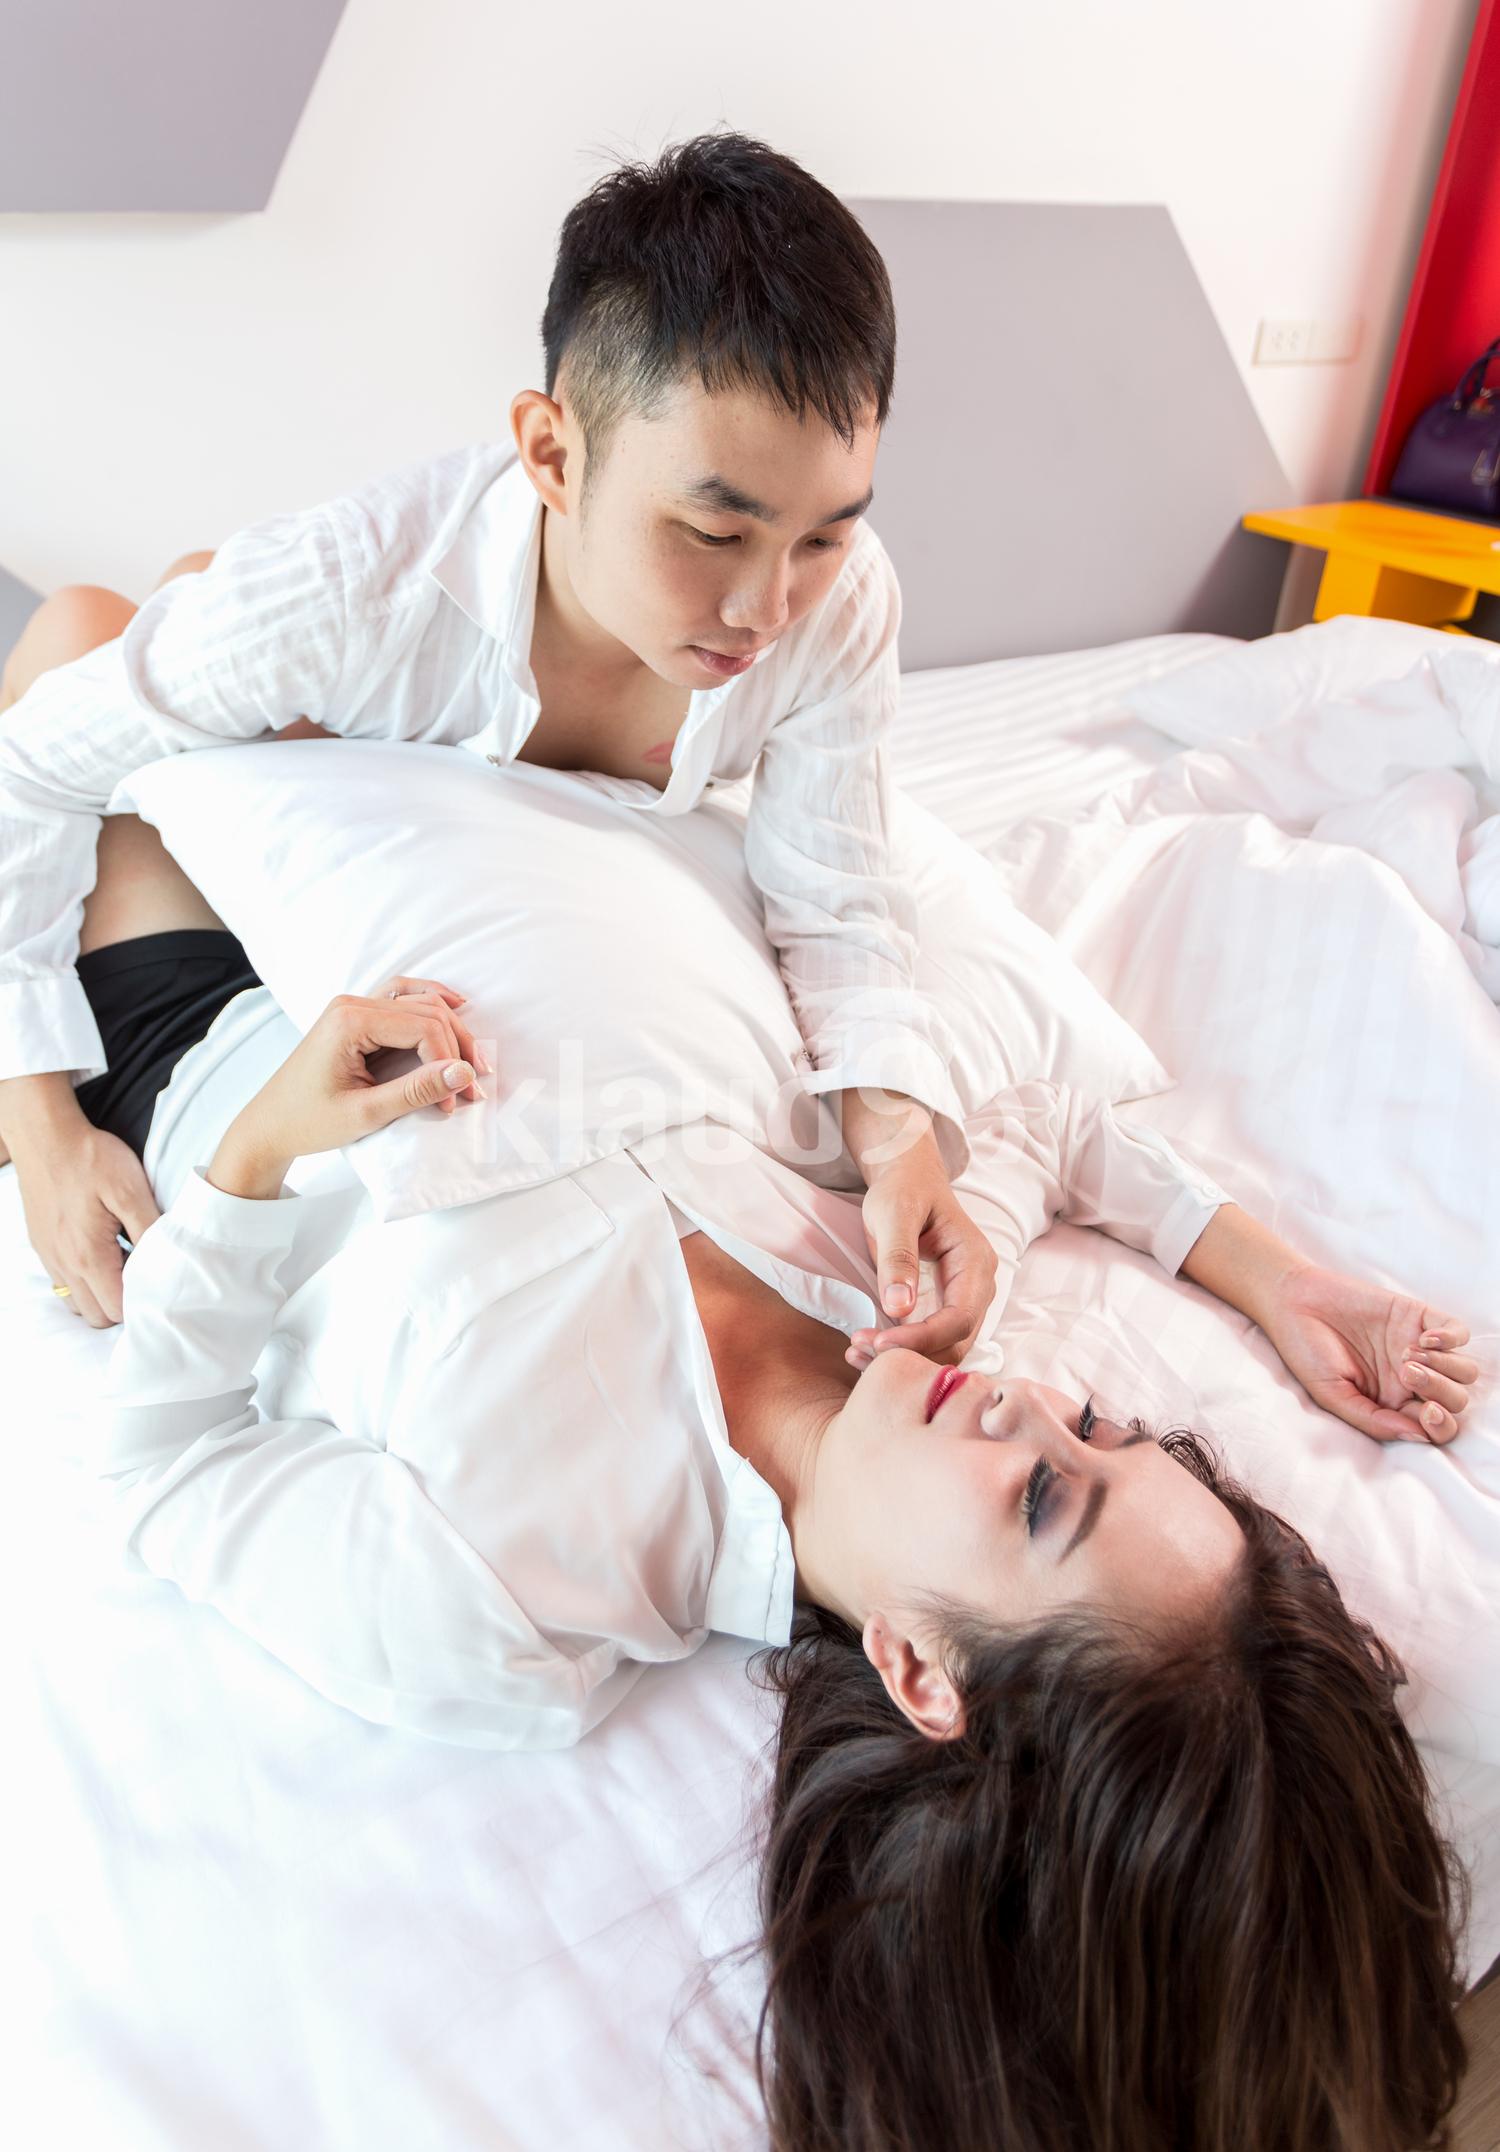 Young adult heterosexual couple lying on bed